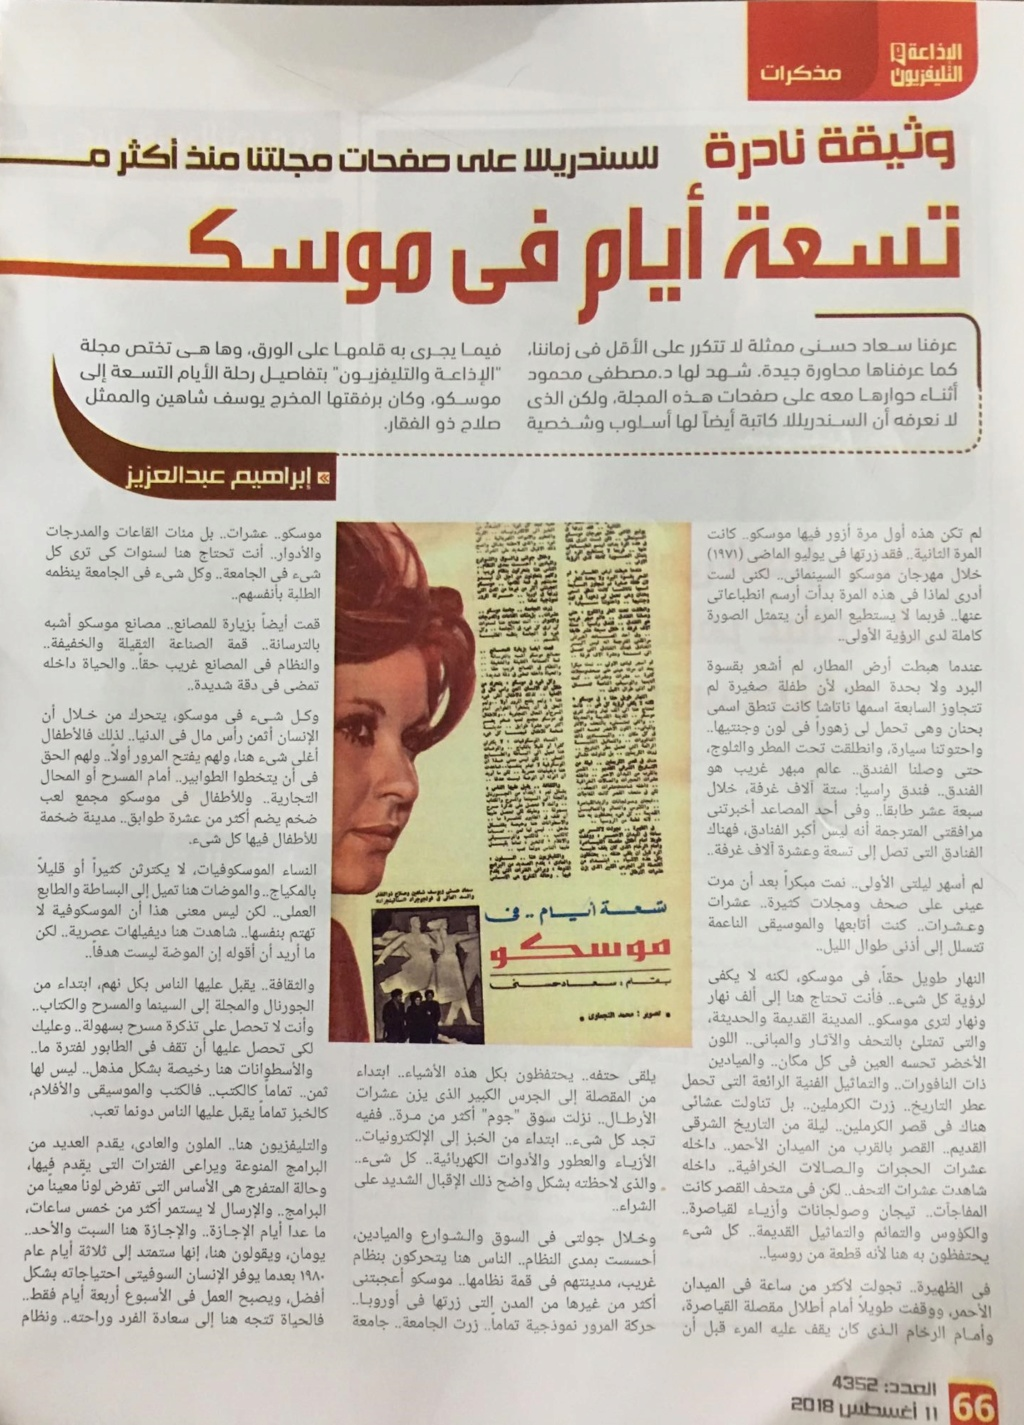 مقال - مقال صحفي : تسعة أيام في موسكو .. بقلم سعاد حسني 1971 م 117